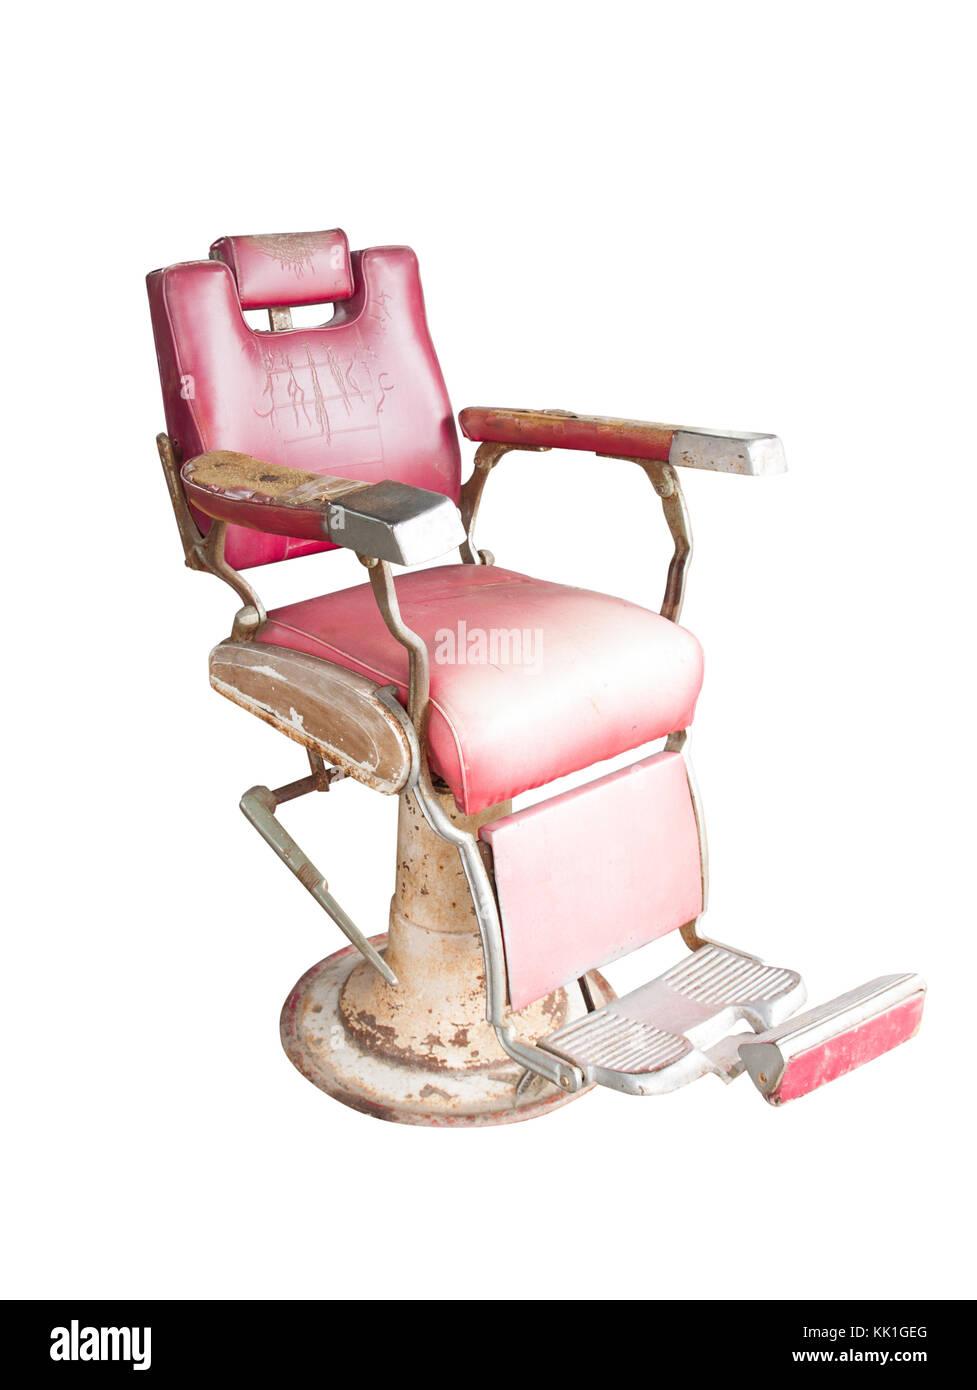 Friseur Stuhl Barber Razor Stuhl Die Haarschnitt Sessel Friseurstuhl